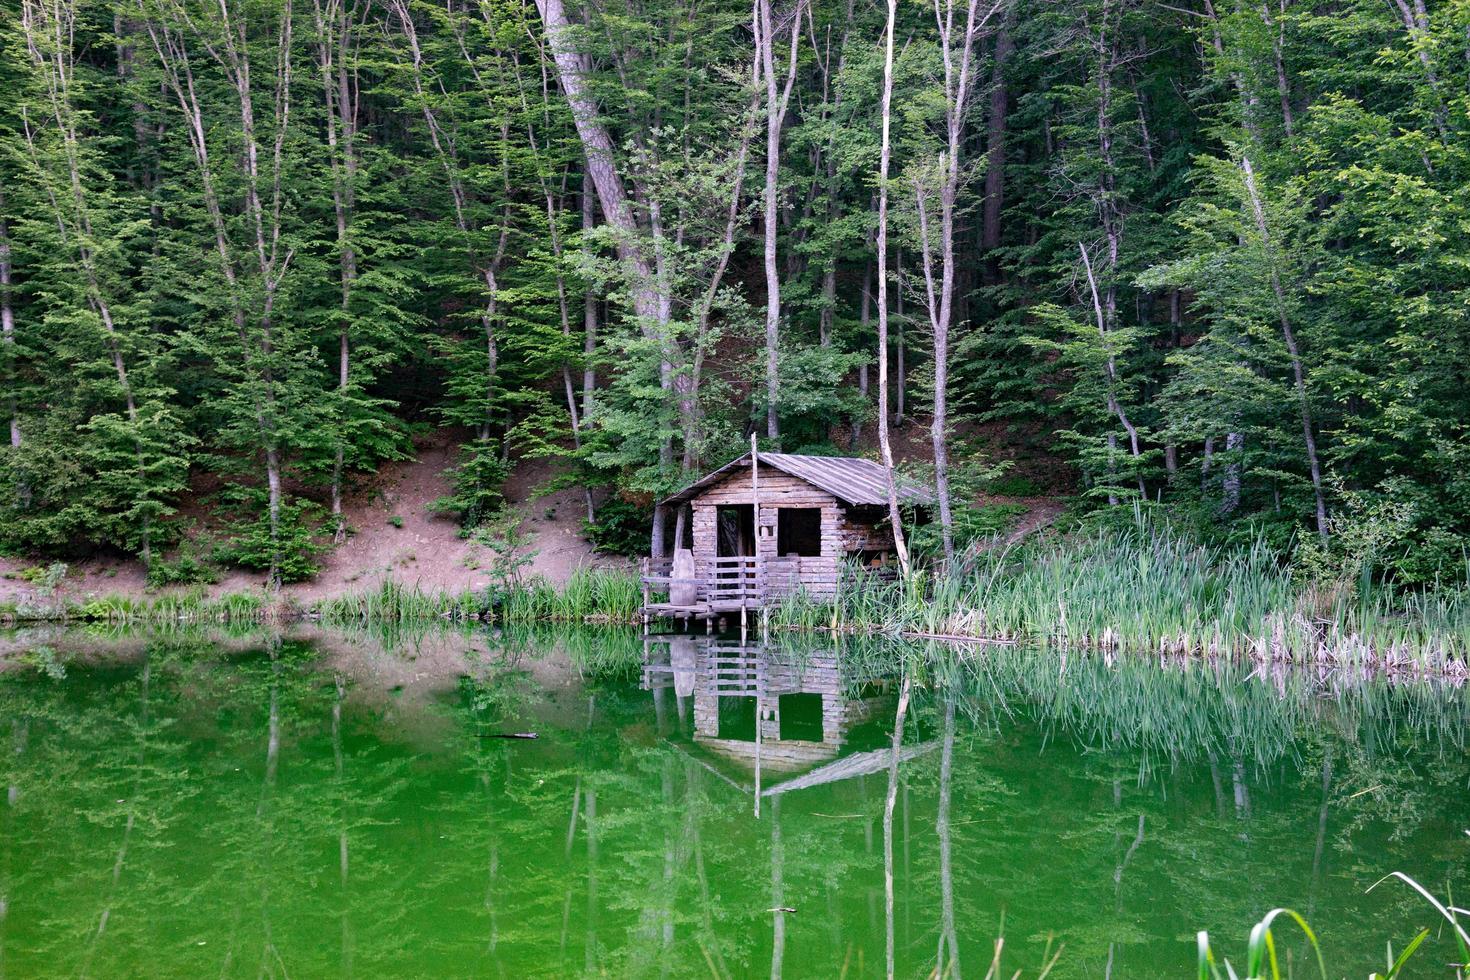 una capanna in riva a un lago circondato da alberi a Yalta, Crimea foto